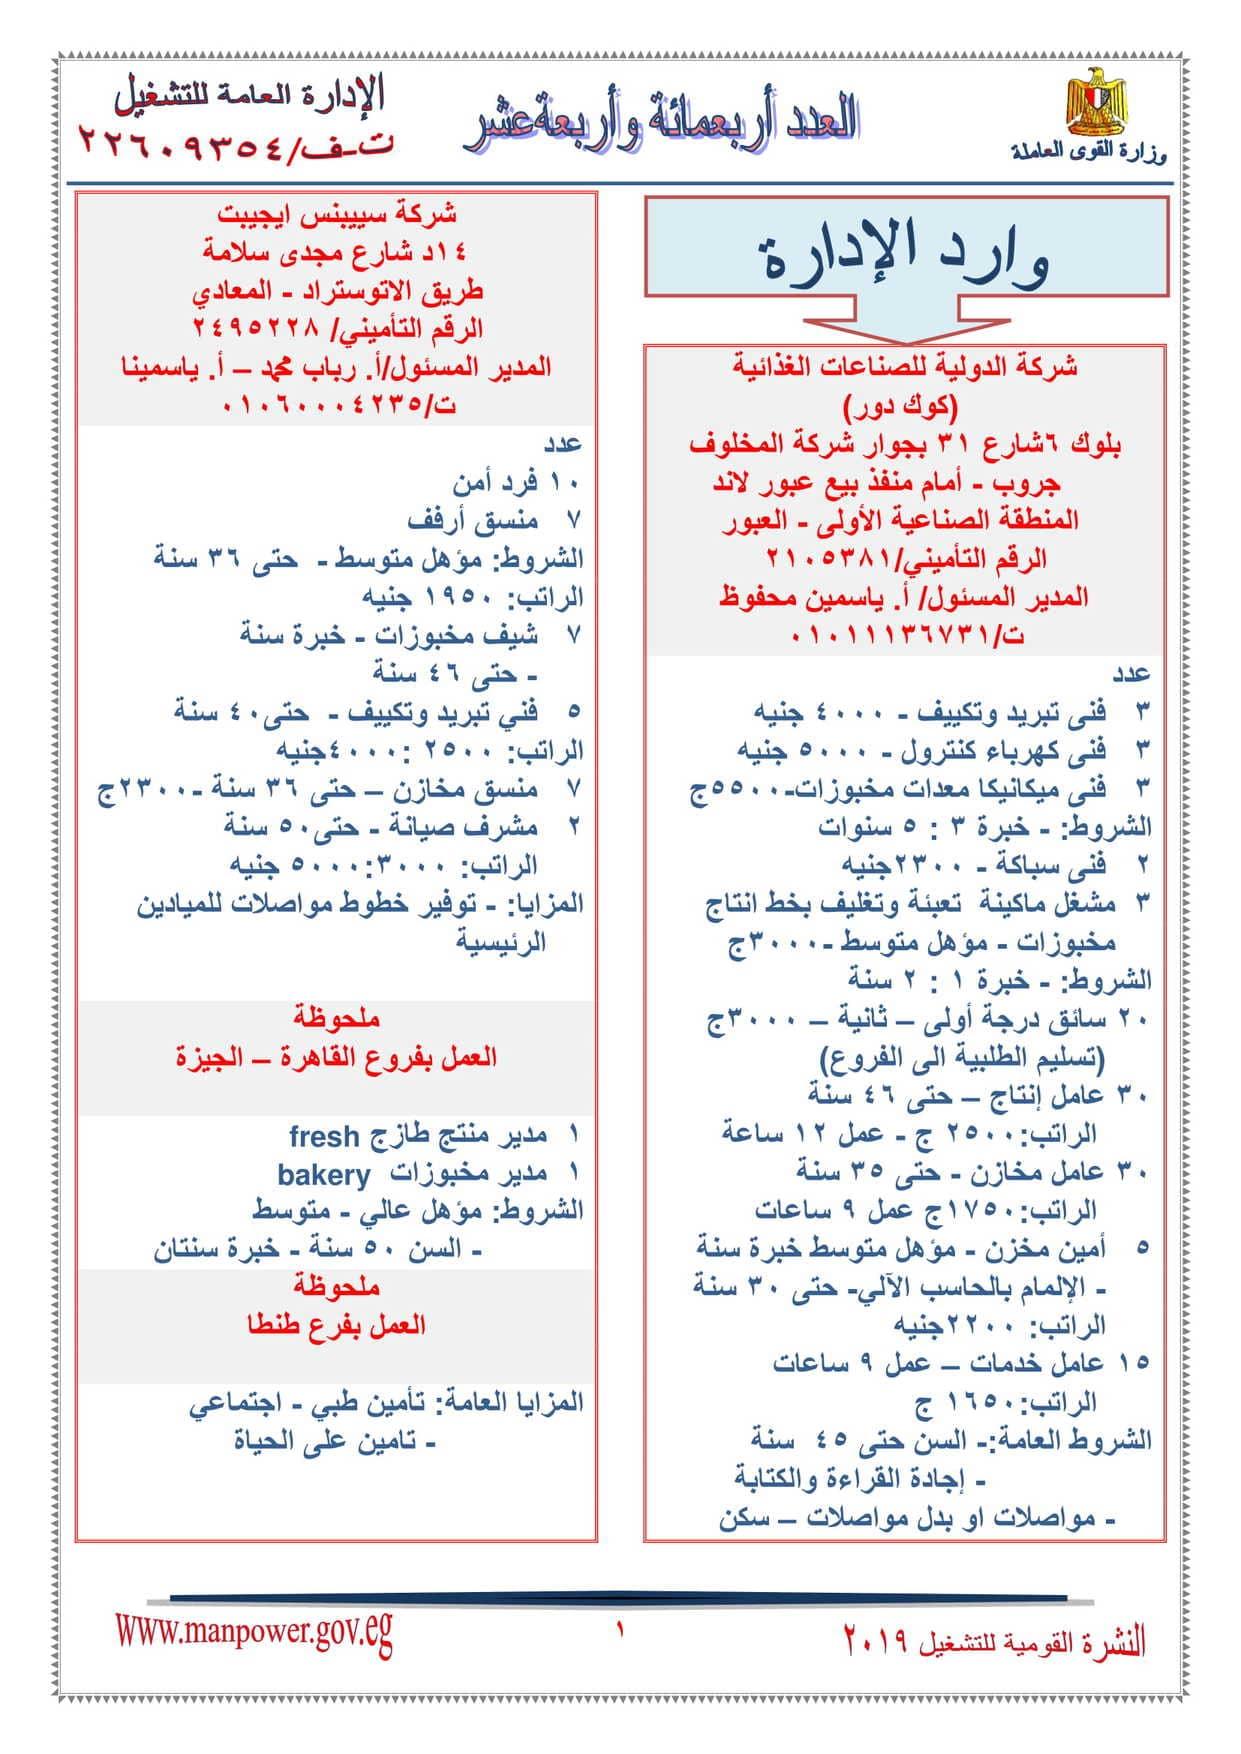 وظائف وزارة القوي العاملة 2019